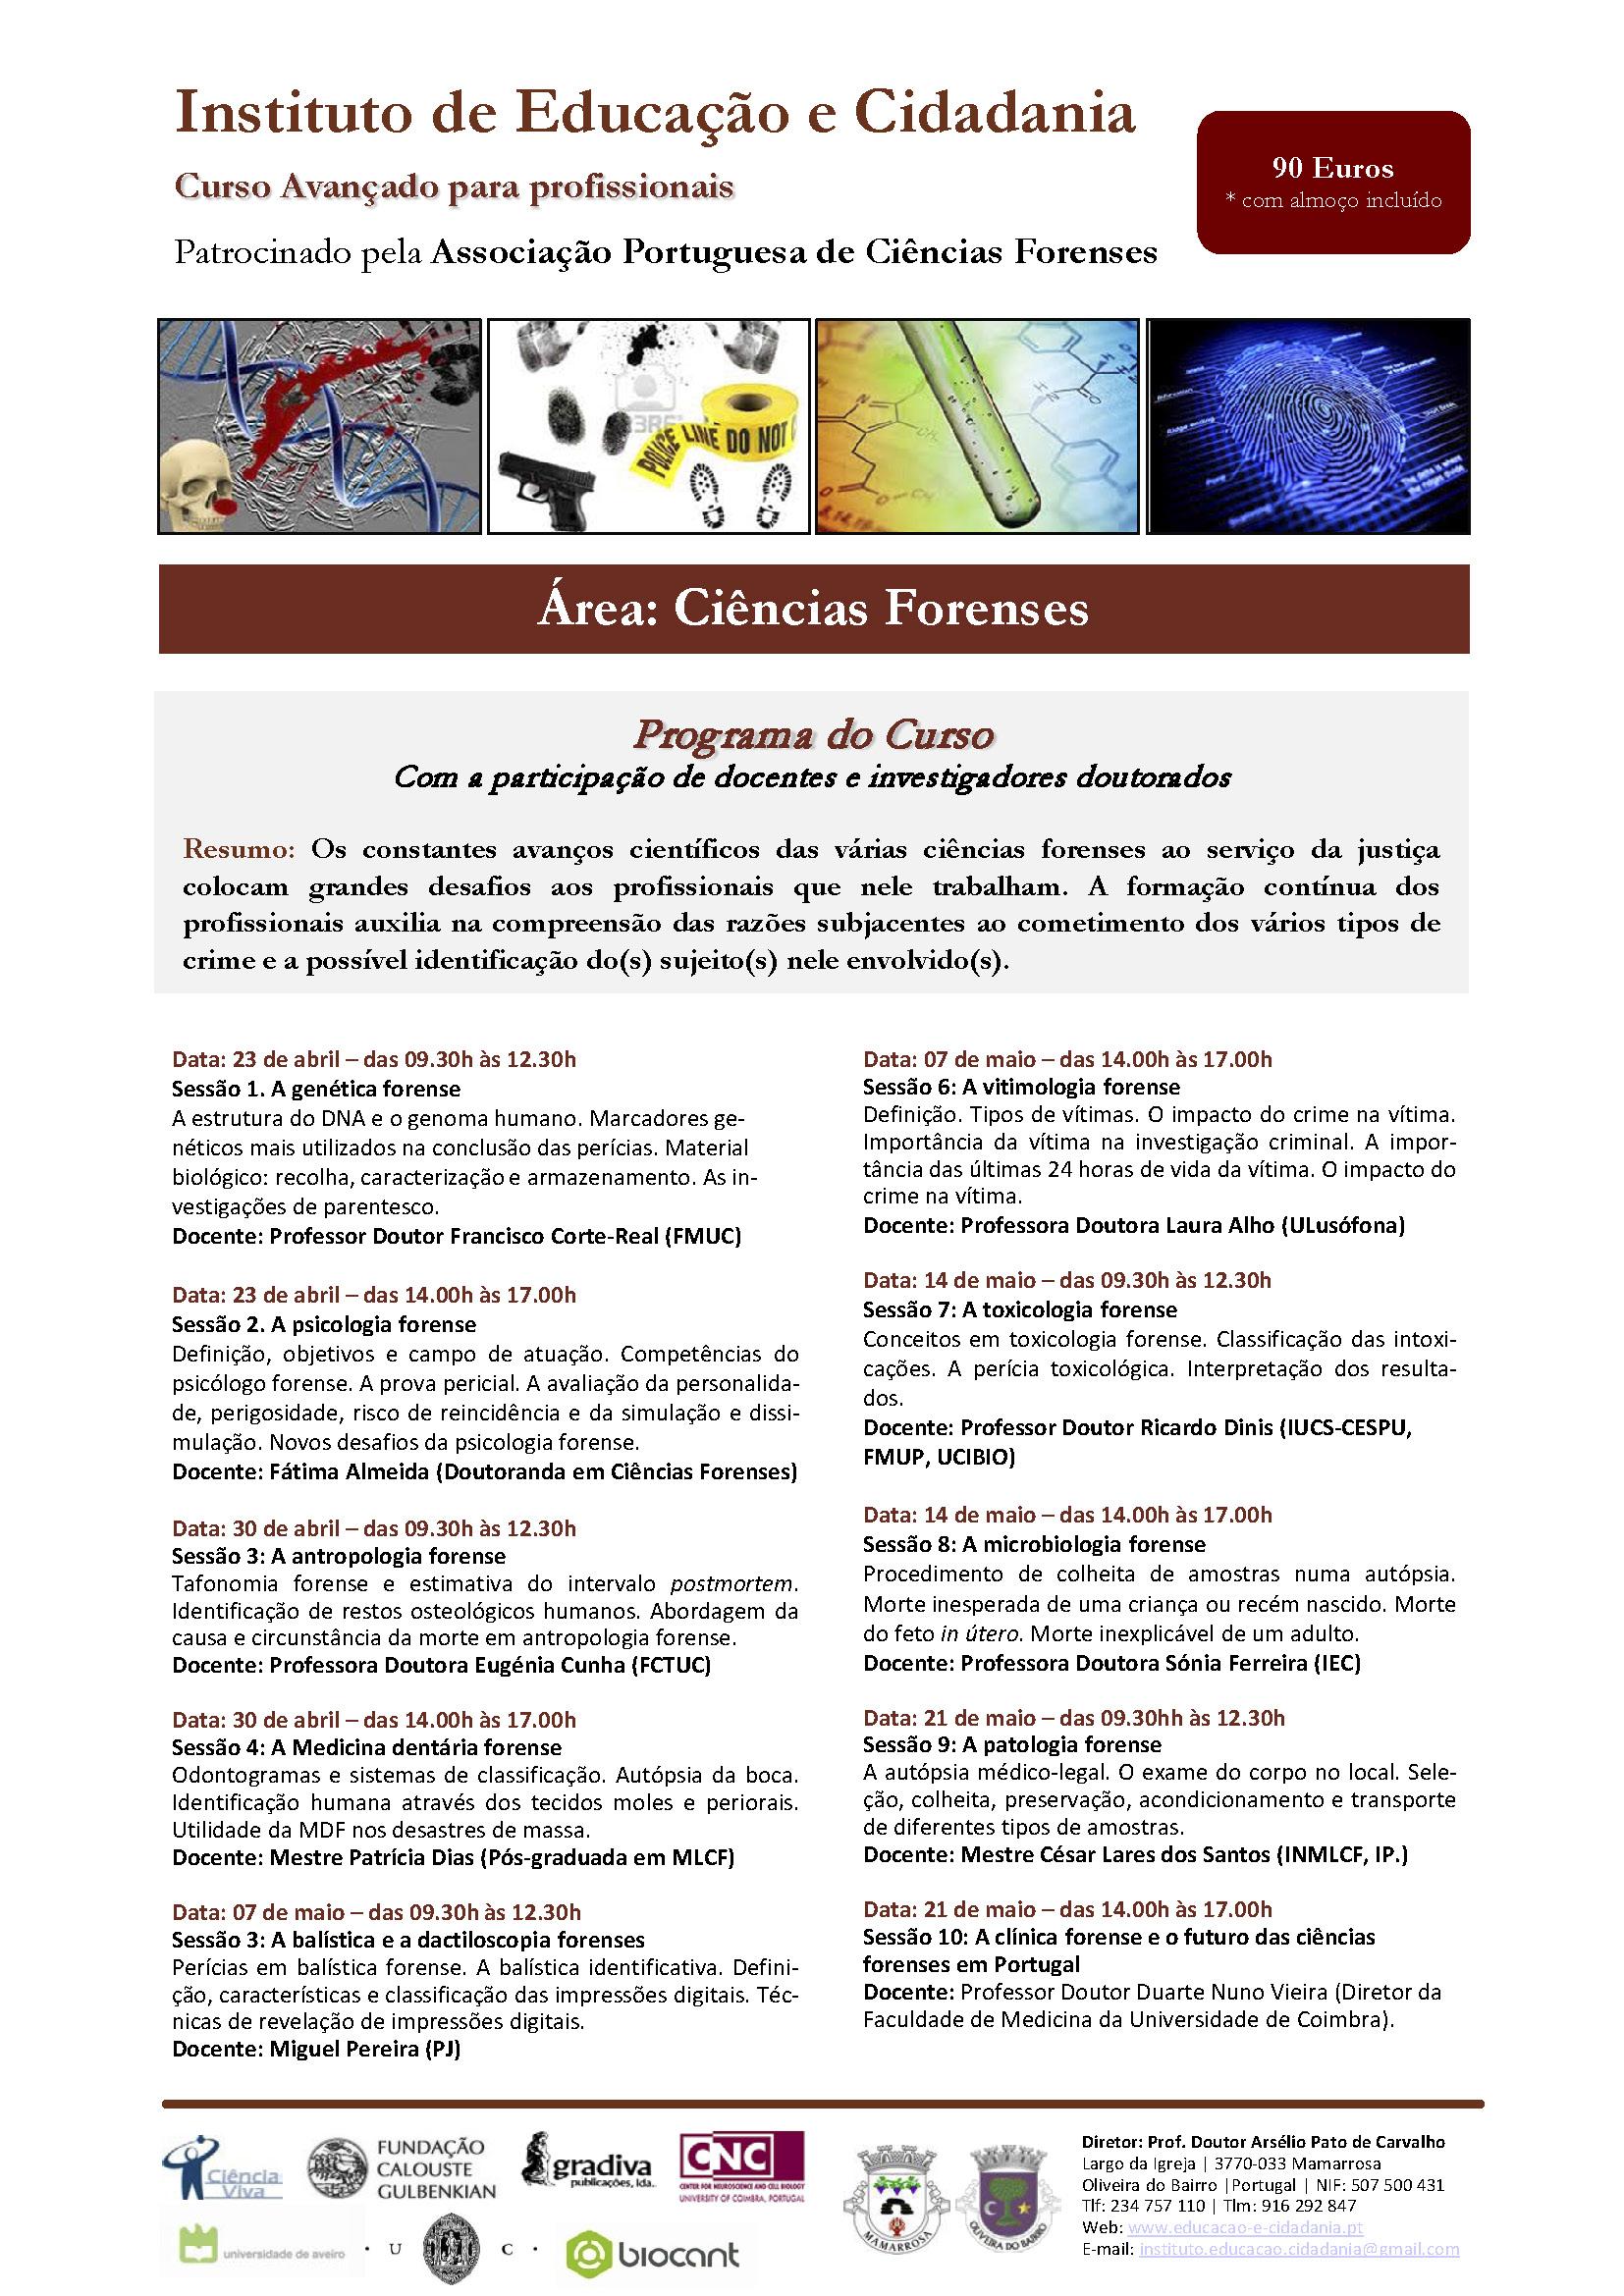 Programa do Curso Avançado de Ciências Forenses